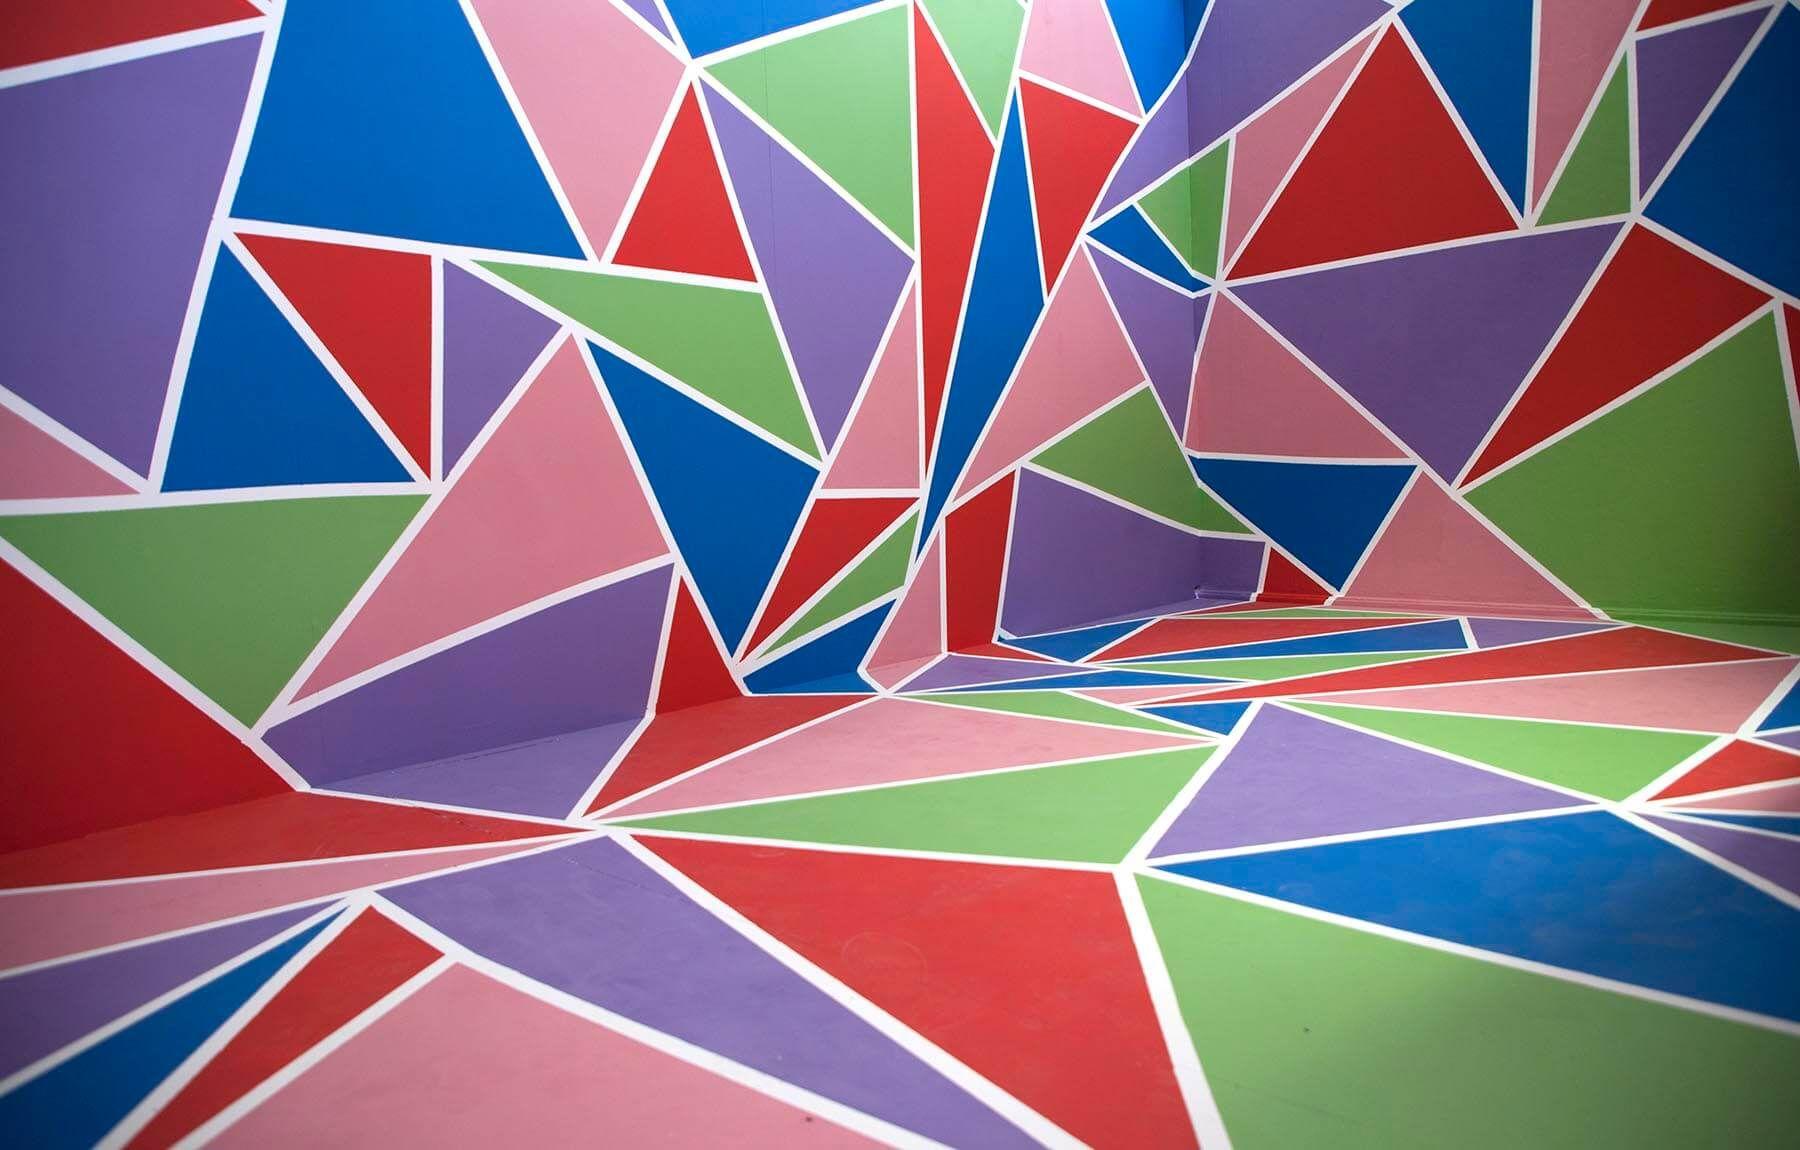 Student work from BA (Hons) Fine Art Farnham